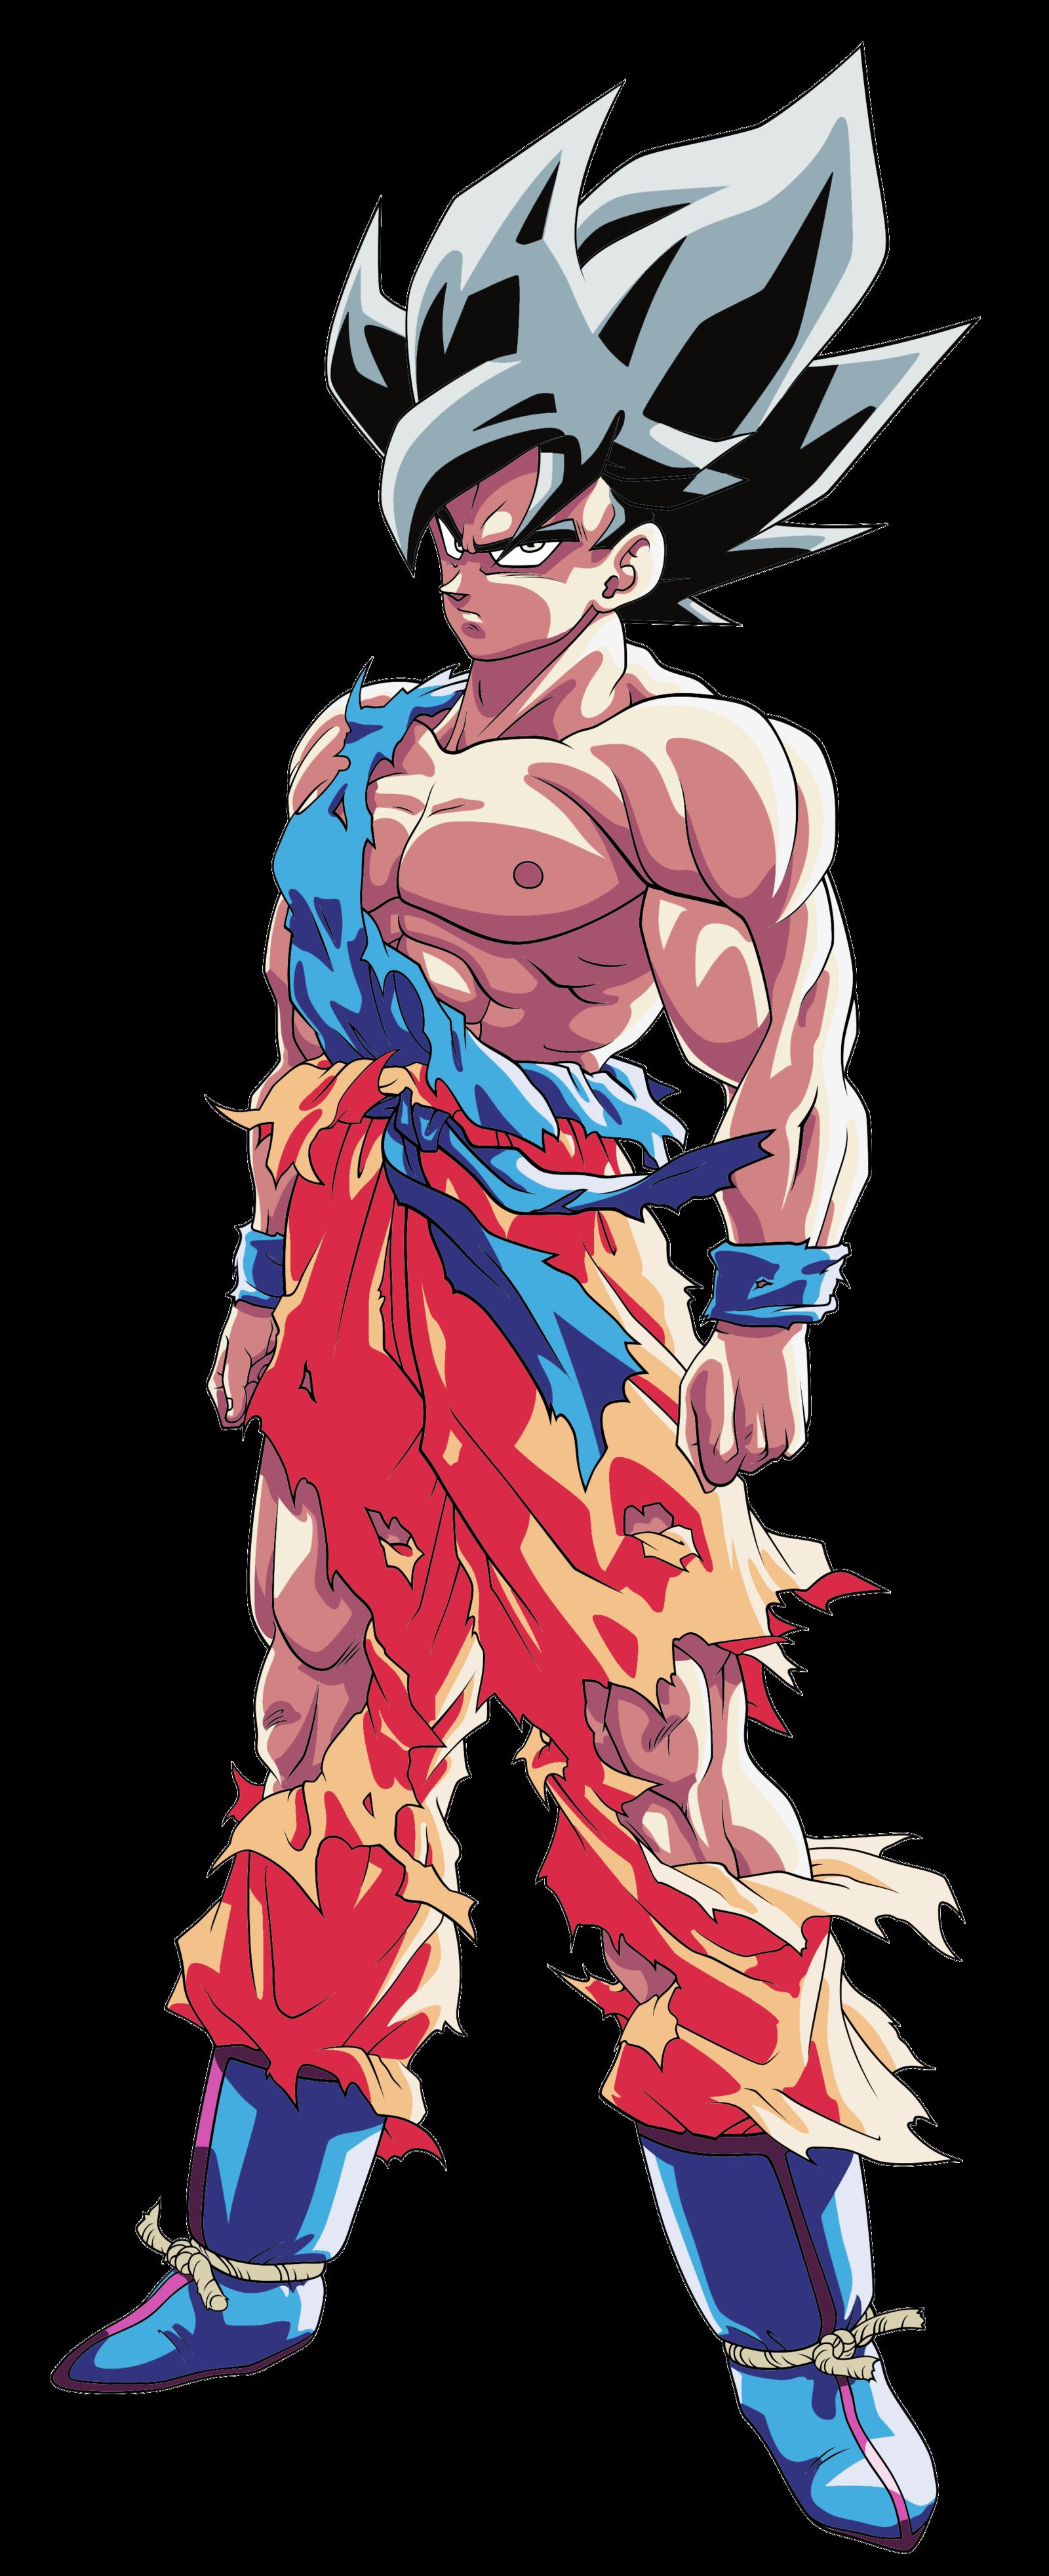 Ultra Instinct Goku Wallpaper Iphone   WallsKid 1600x3928